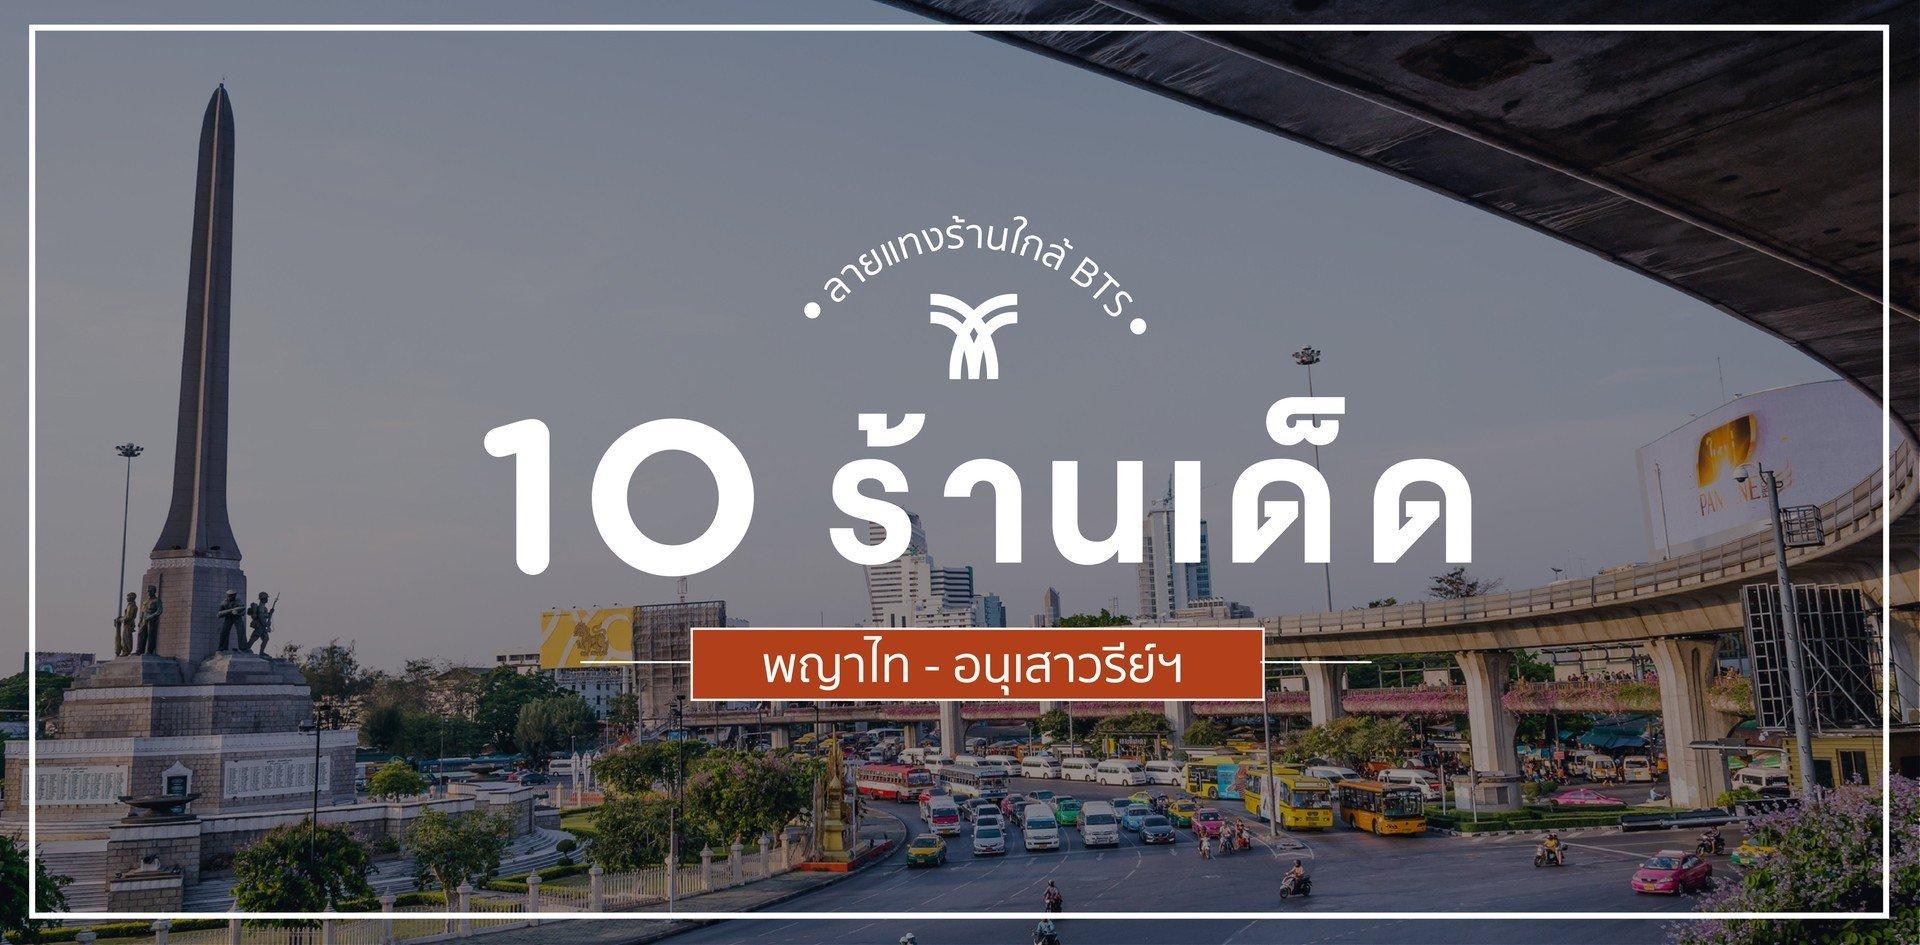 10 ร้านอาหารเด็ด ใกล้ BTS พญาไท - อนุสาวรีย์ฯ